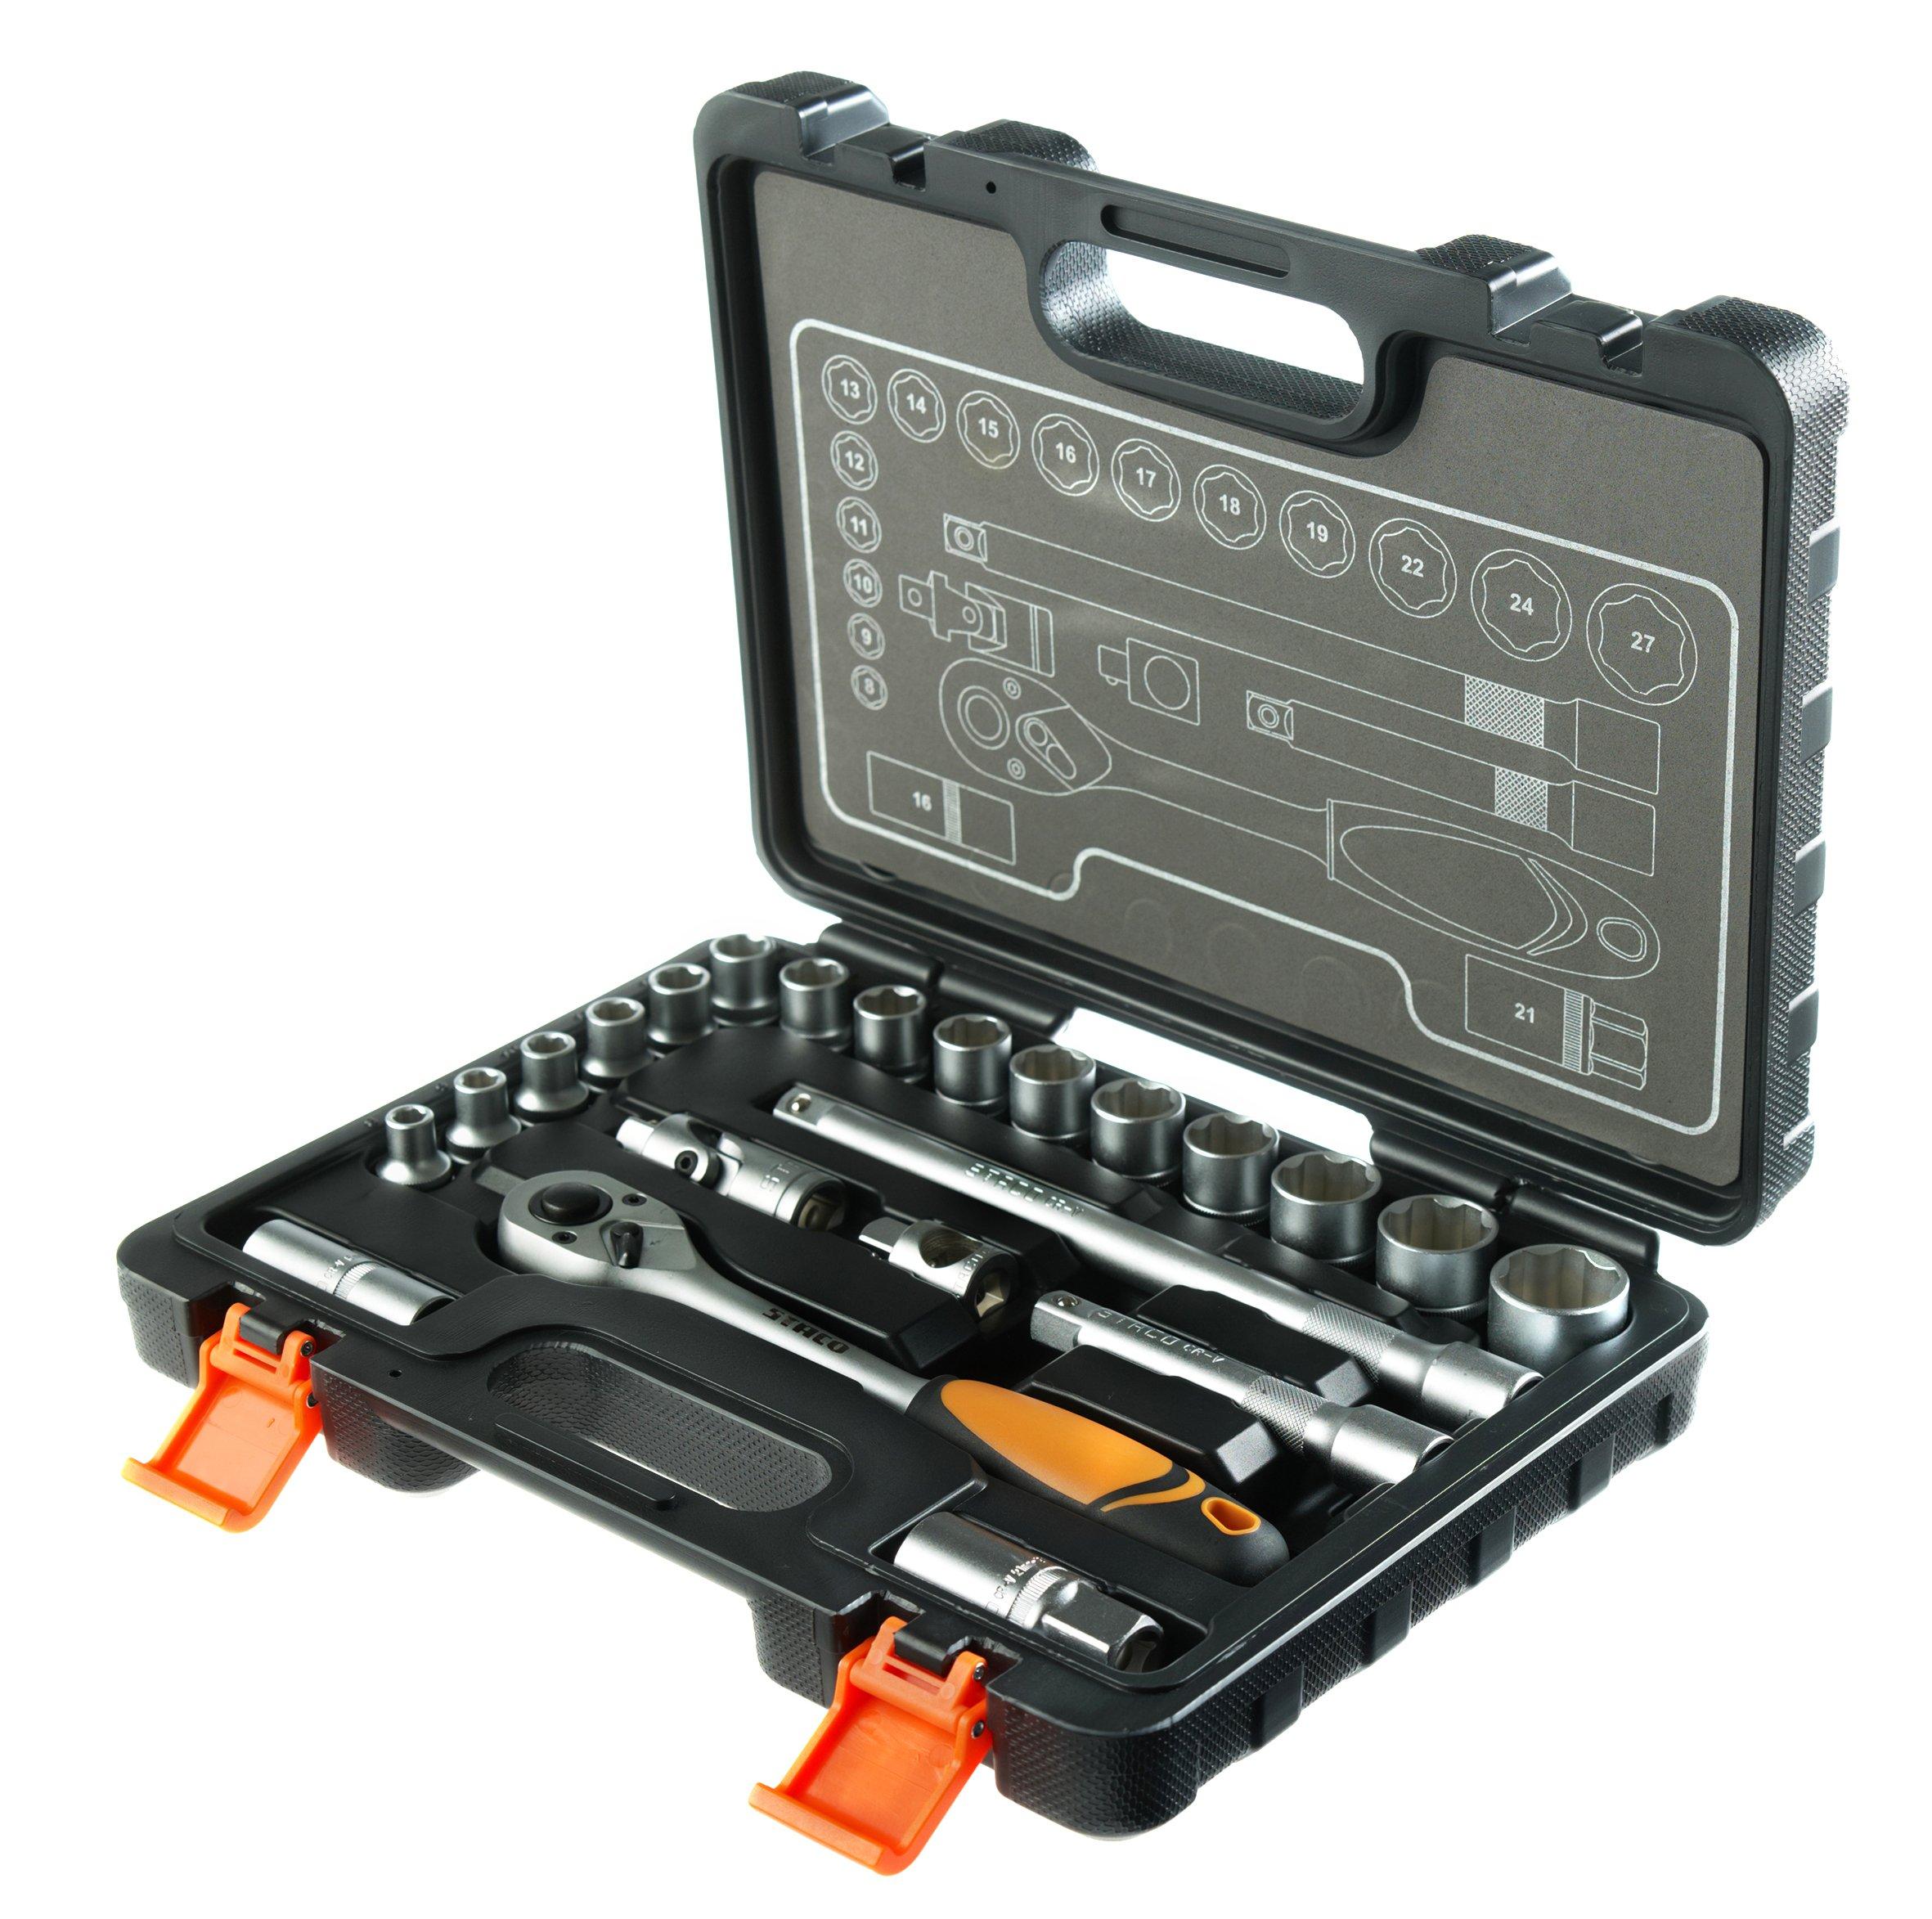 STACO 63022 - Juego de herramientas (llaves de vaso y carraca, 1/2 pulgada): Amazon.es: Bricolaje y herramientas